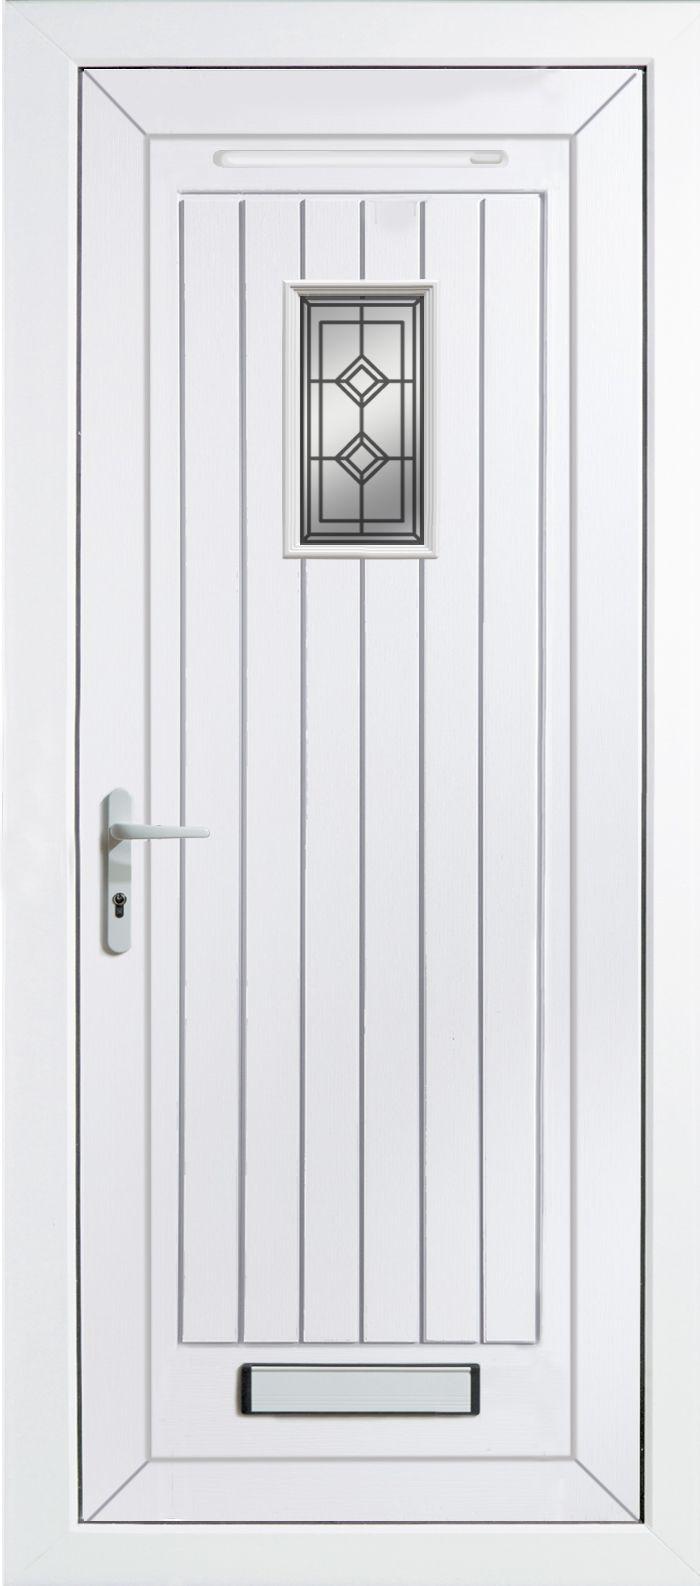 Cottage Panelled Pvcu Glazed External Front Door U0026 Frame Rh, (h)2055mm (